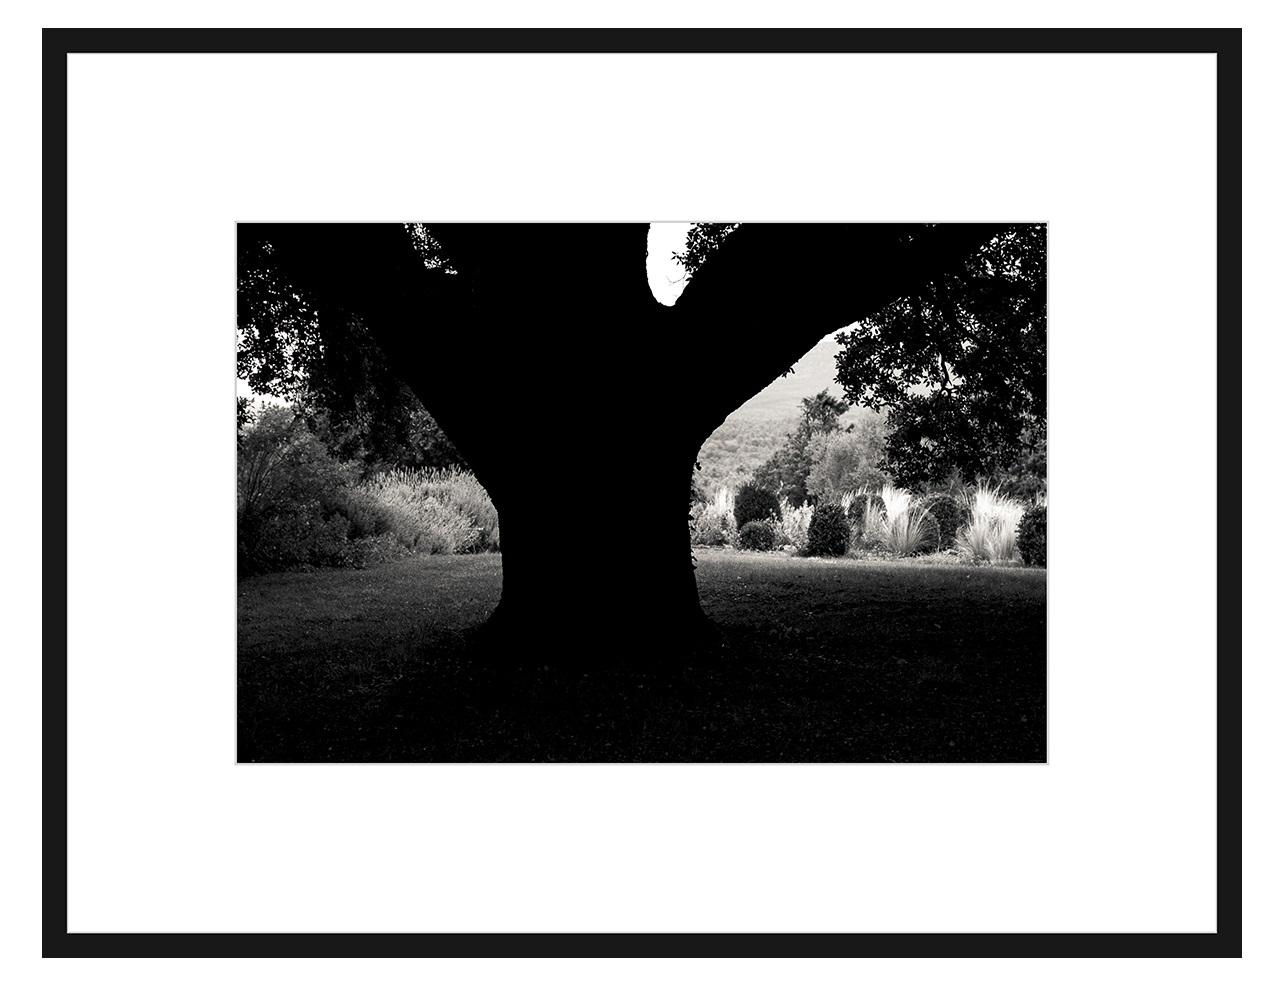 Авторская арт-фотография трилистник (george rouchin photography) черный 100x77 см. фото